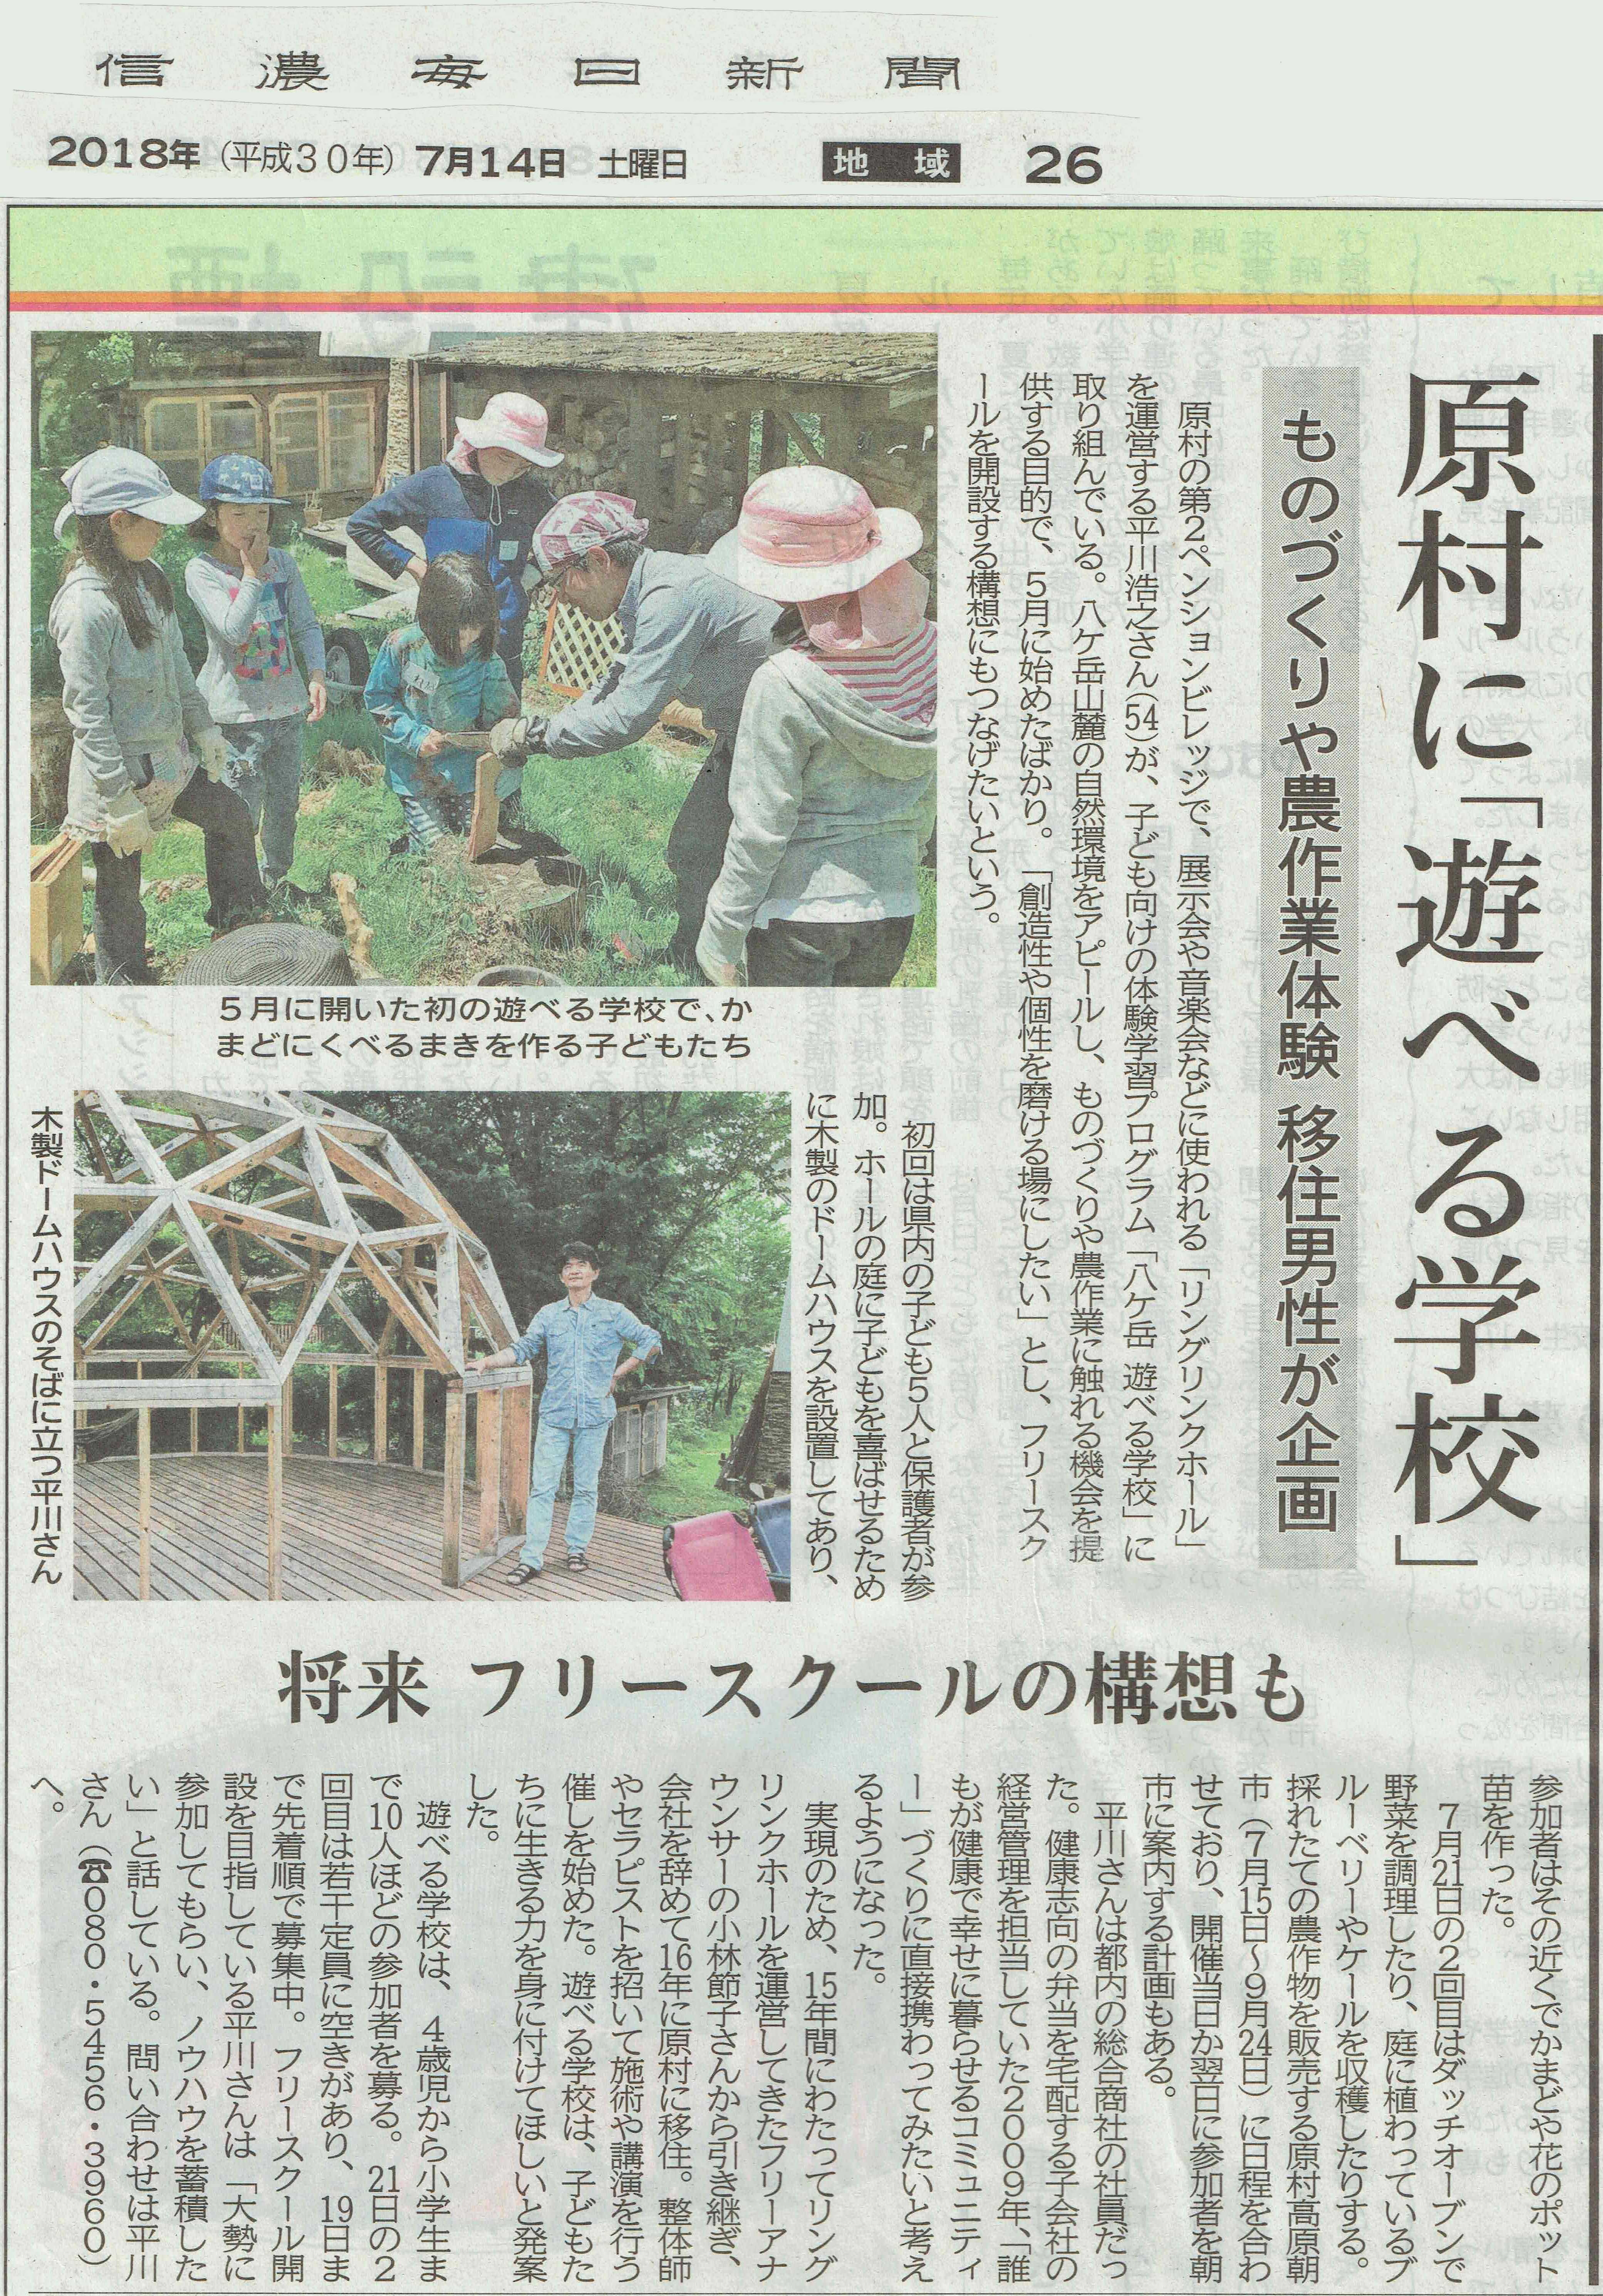 18071601.JPG 新聞